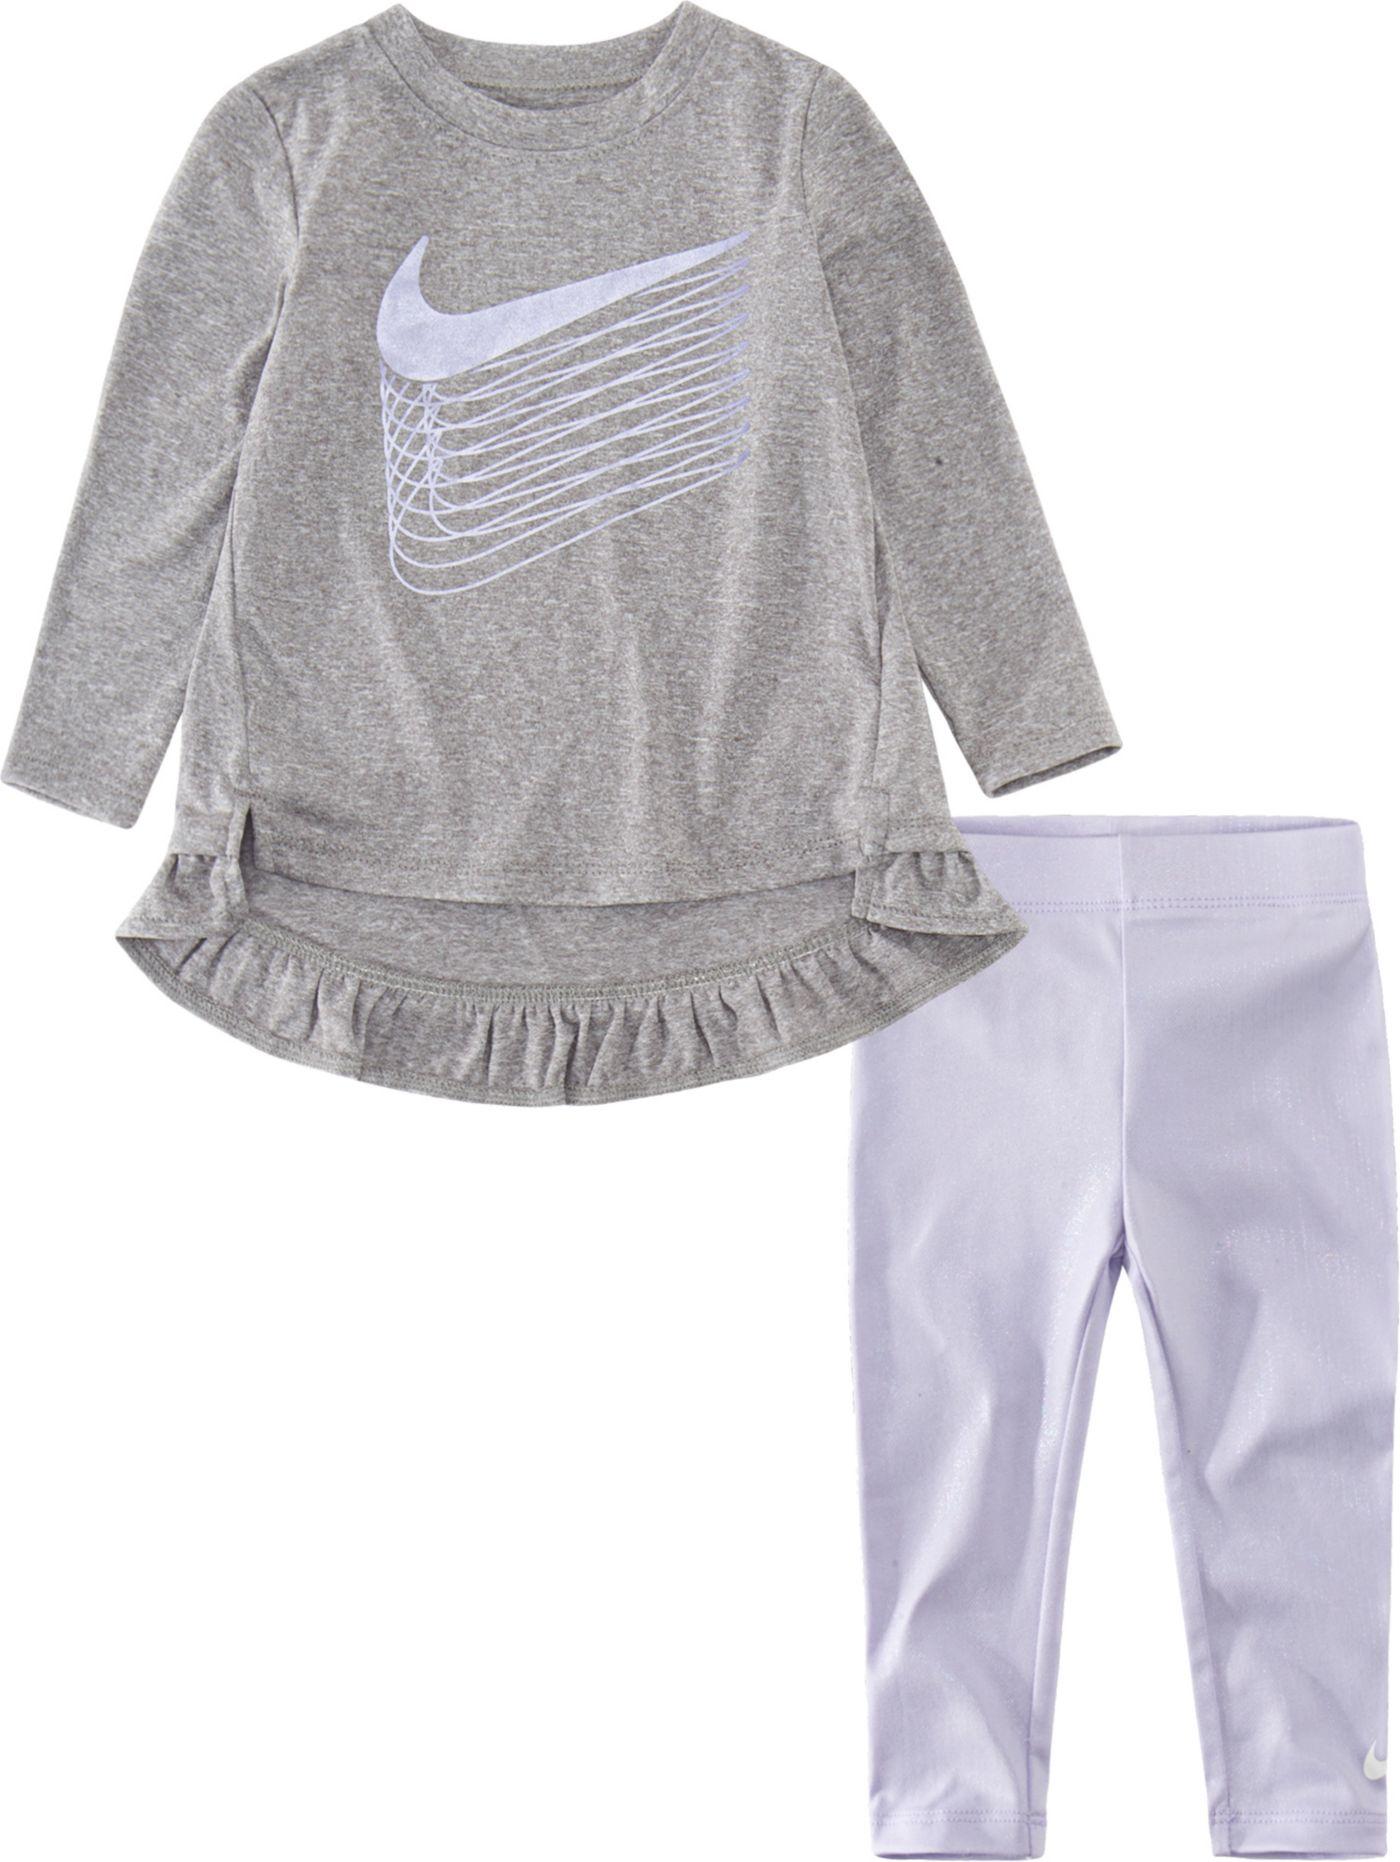 Nike Toddler Girls' Dri-FIT Metallic Long Sleeve Shirt and Leggings Set